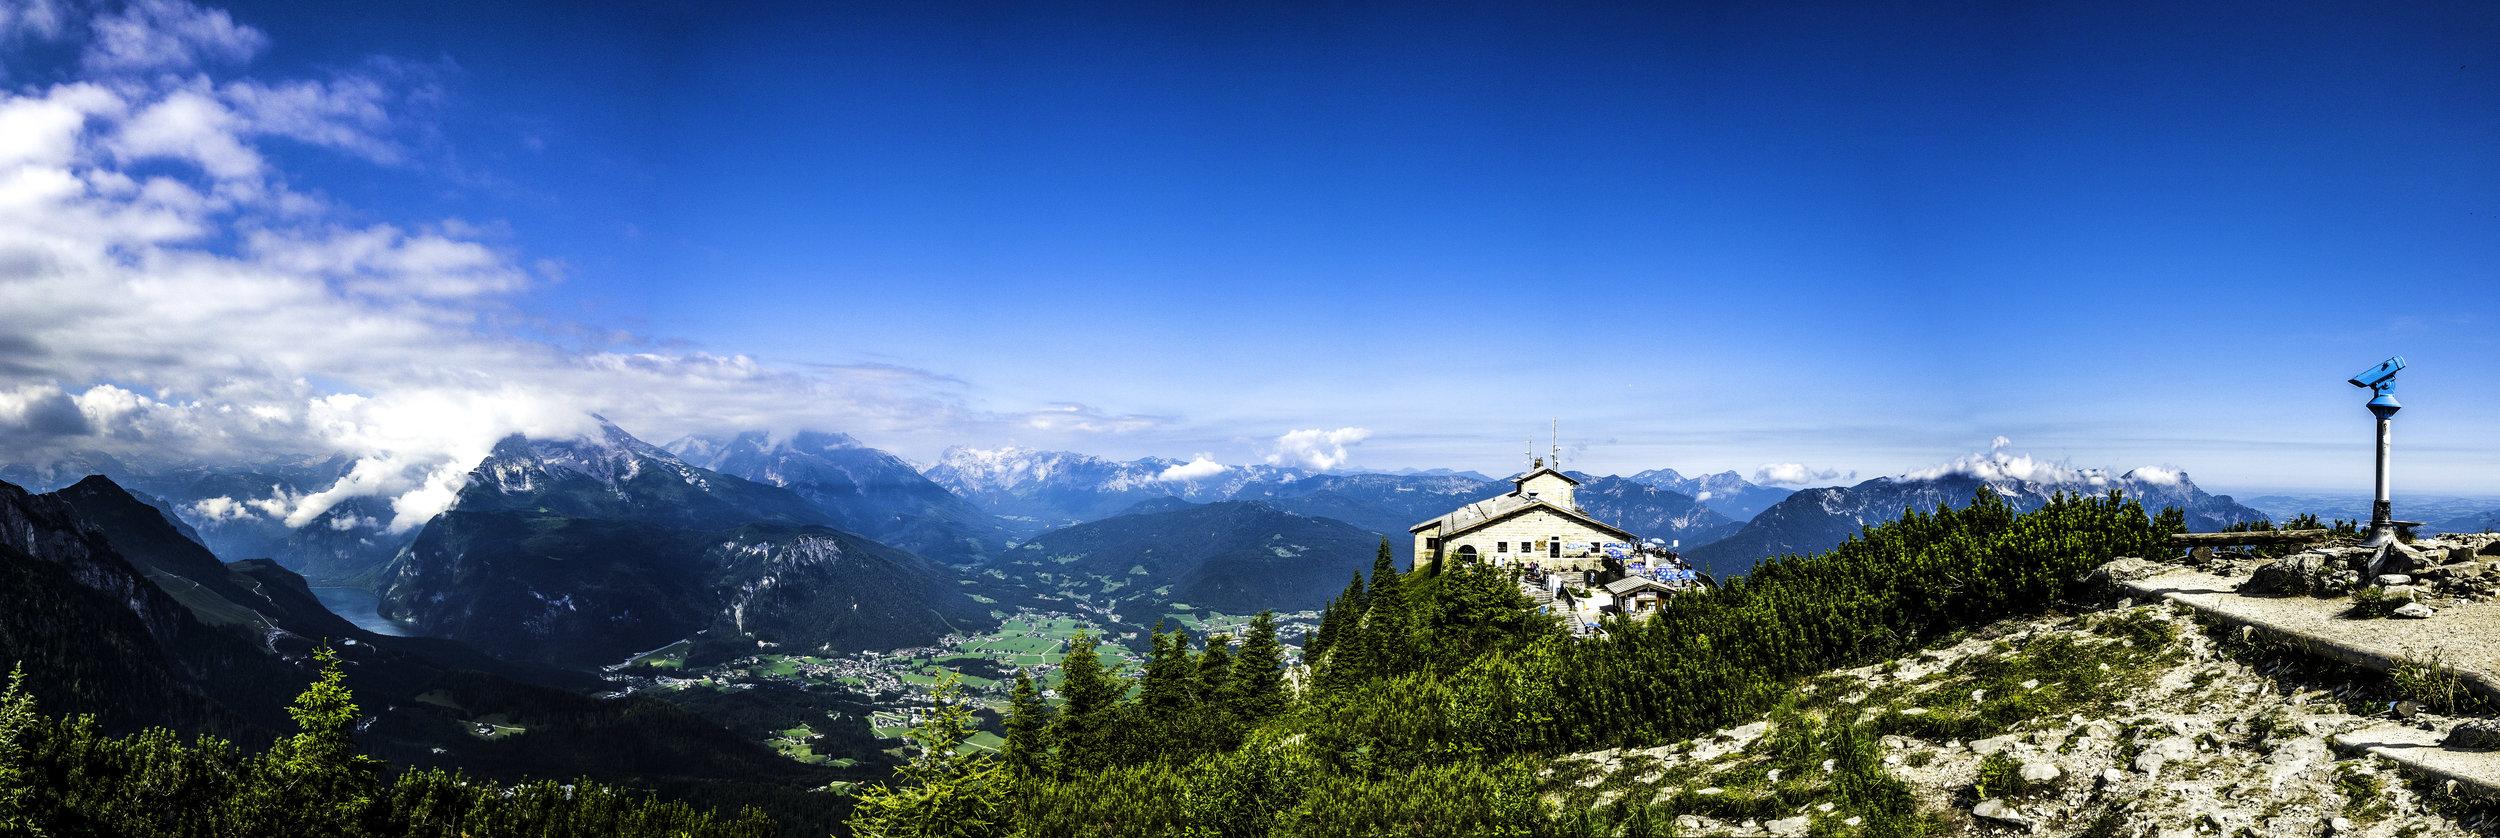 Kehlsteinhaus, Obersalzberg, Berchdesgarden